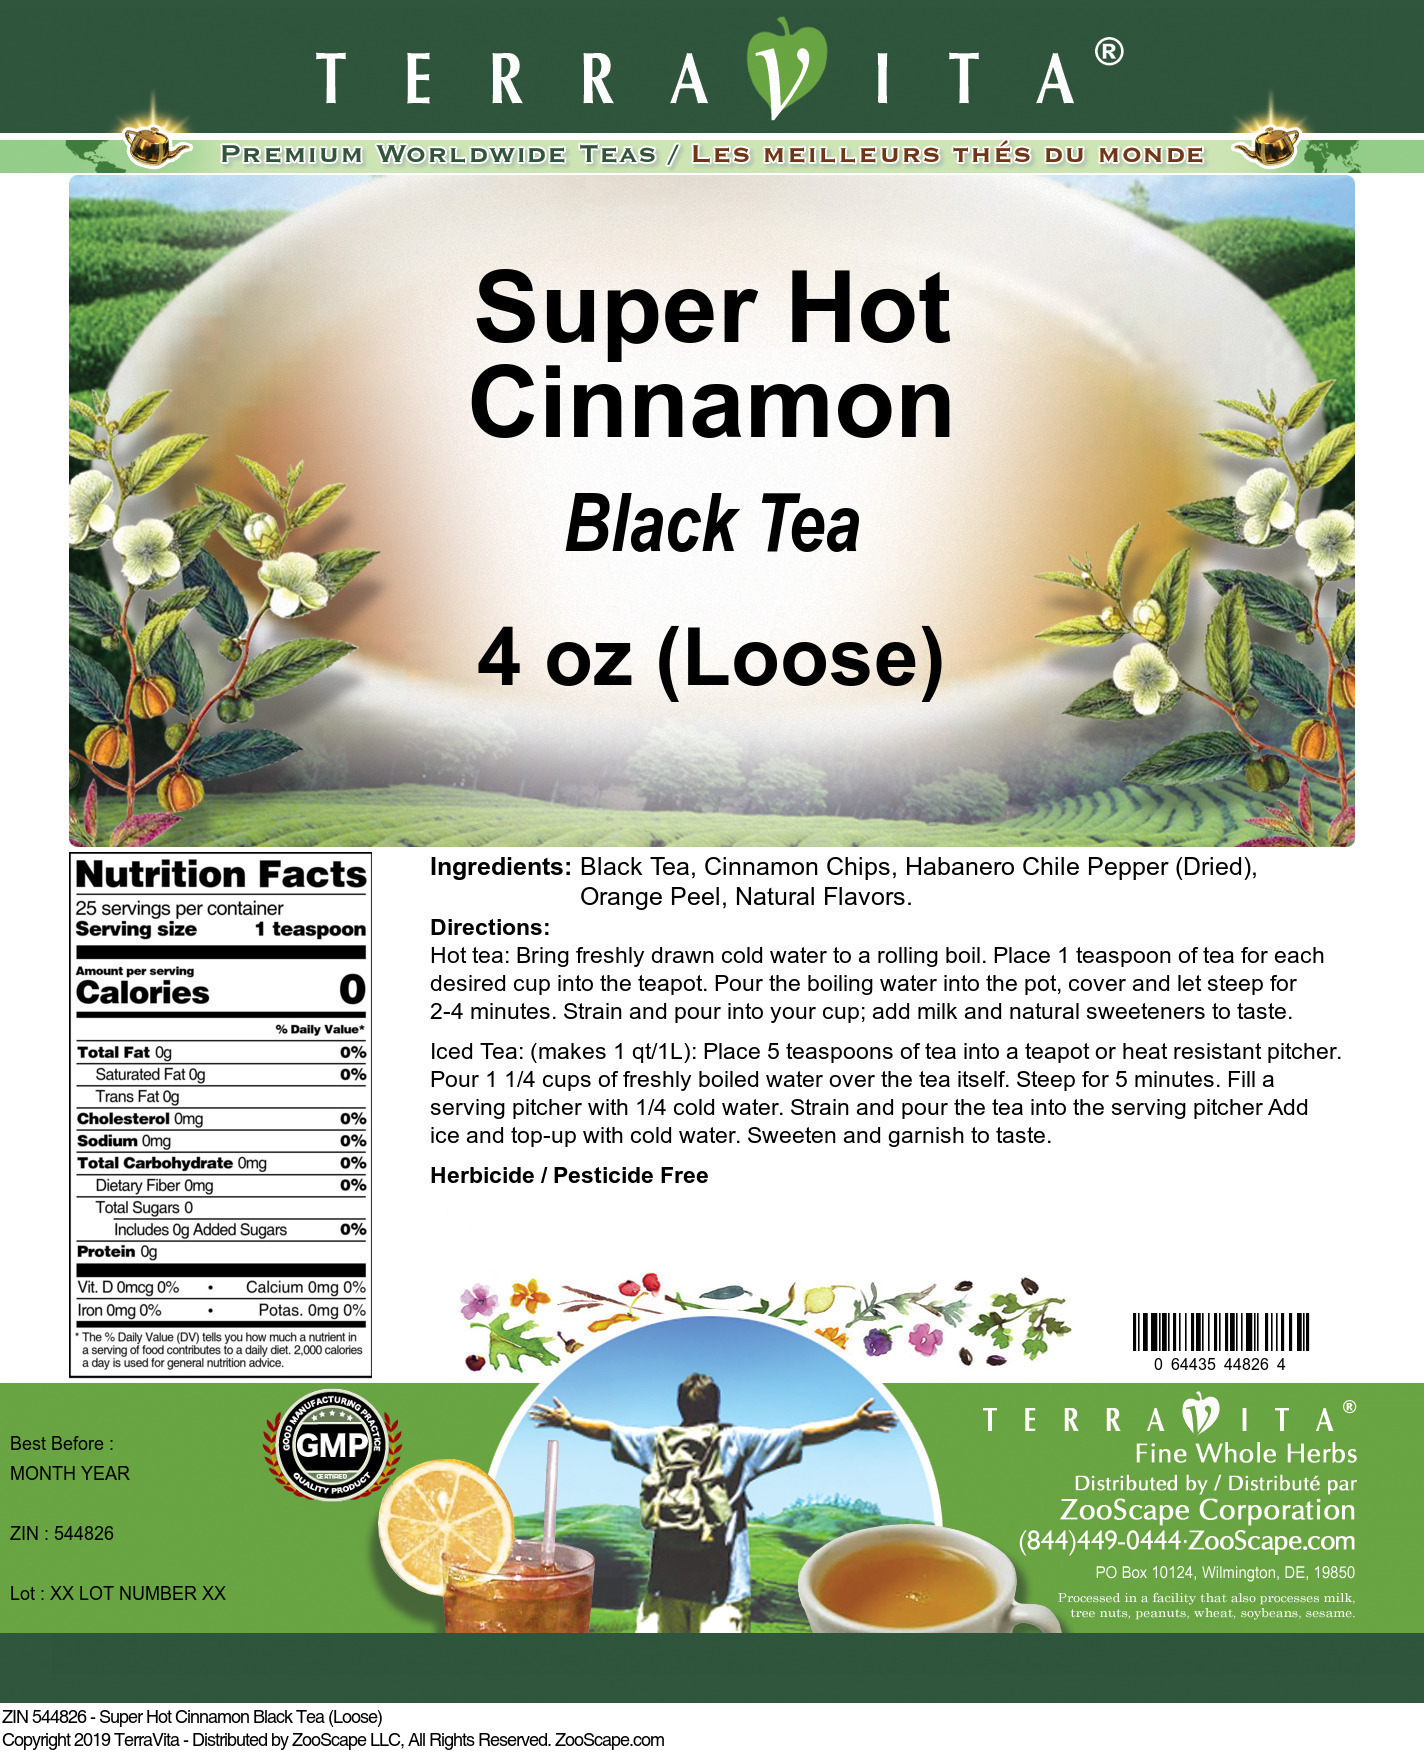 Super Hot Cinnamon Black Tea (Loose)